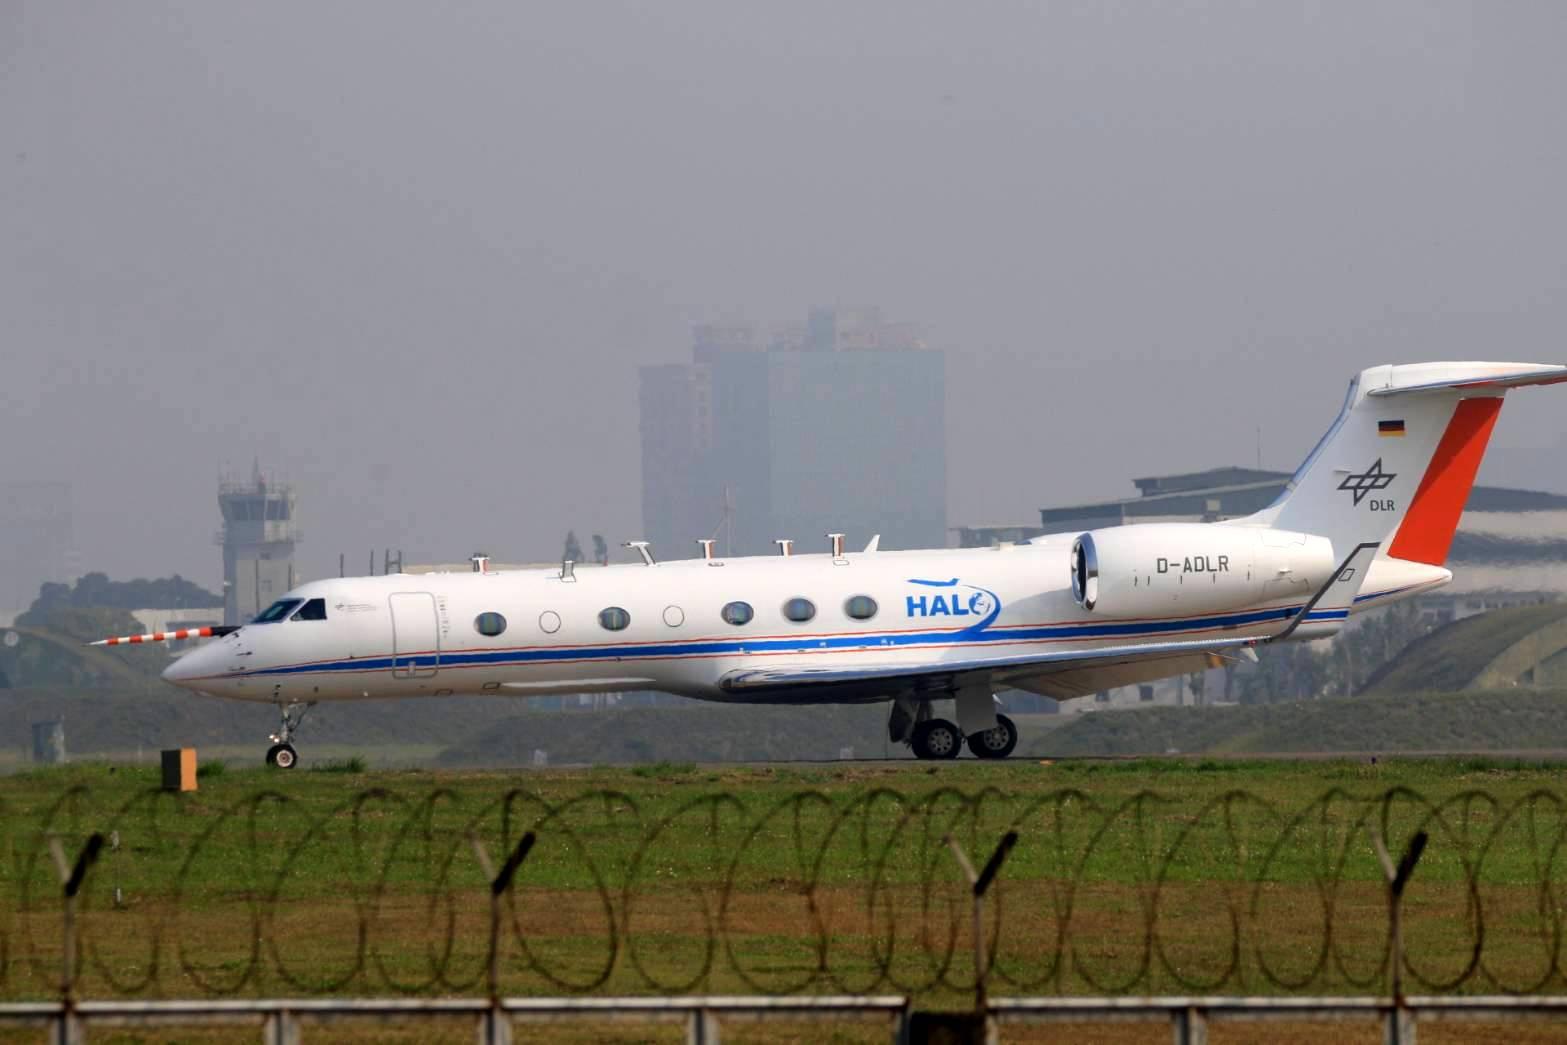 「臺灣大氣化學轉化與污染傳輸計畫」的高空研究飛機。 圖片來源│吳姿蓉提供